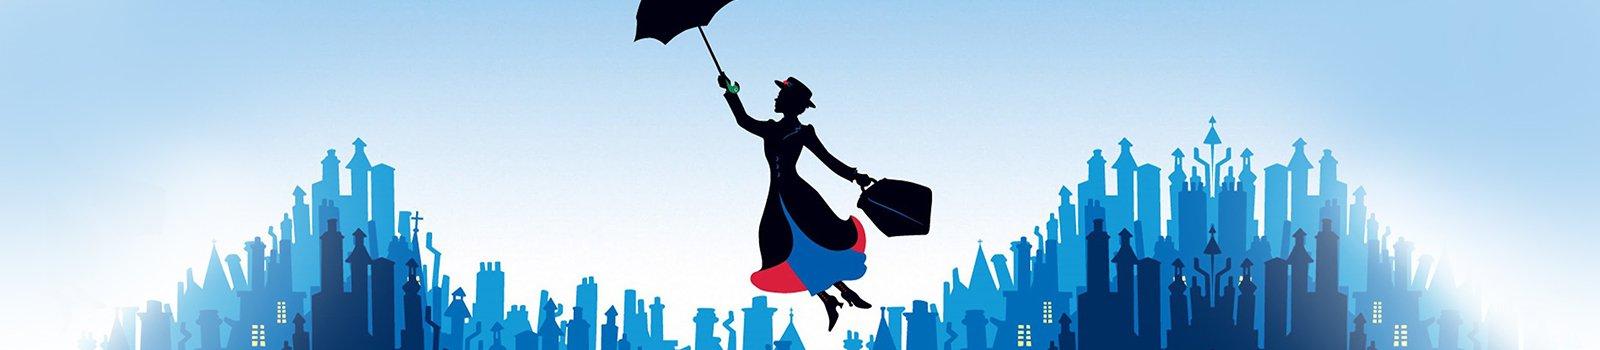 Hail Mary, Poppins